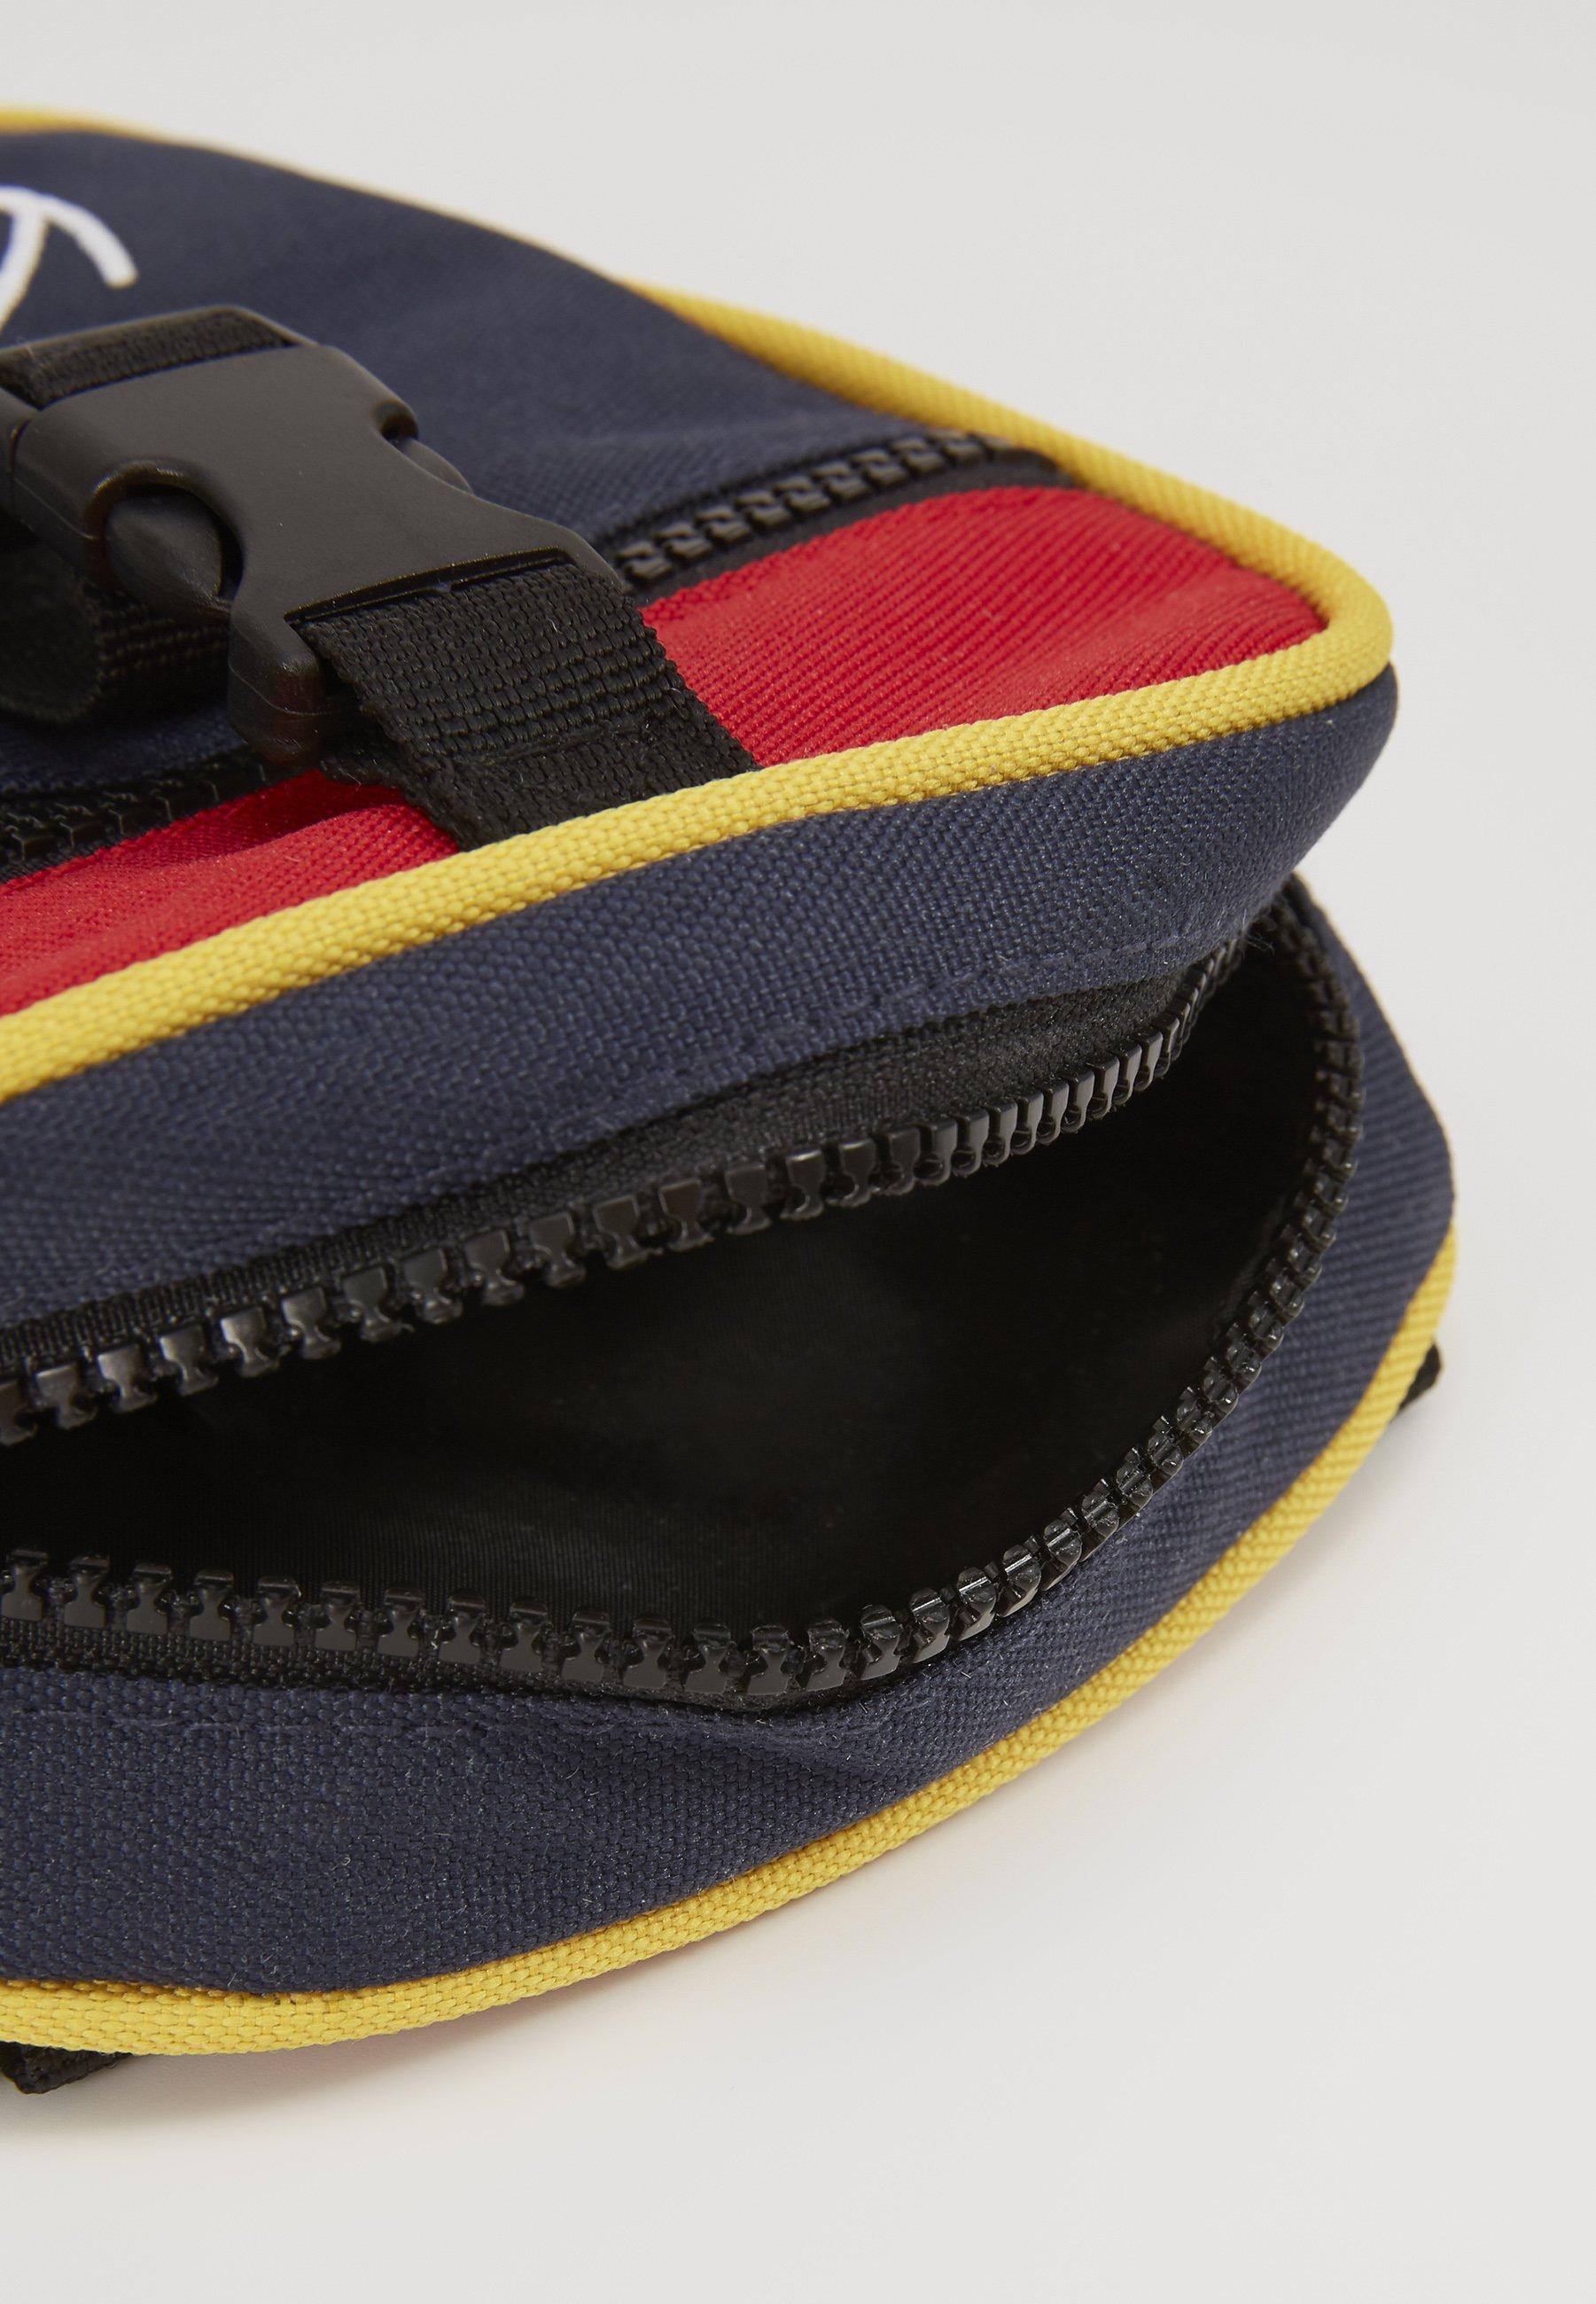 Karl Kani KK SIGNATURE BLOCK MESSENGER BAG - Skulderveske - navy/red/yellow/red/mørkeblå JtJmmYWb4mlvGHI